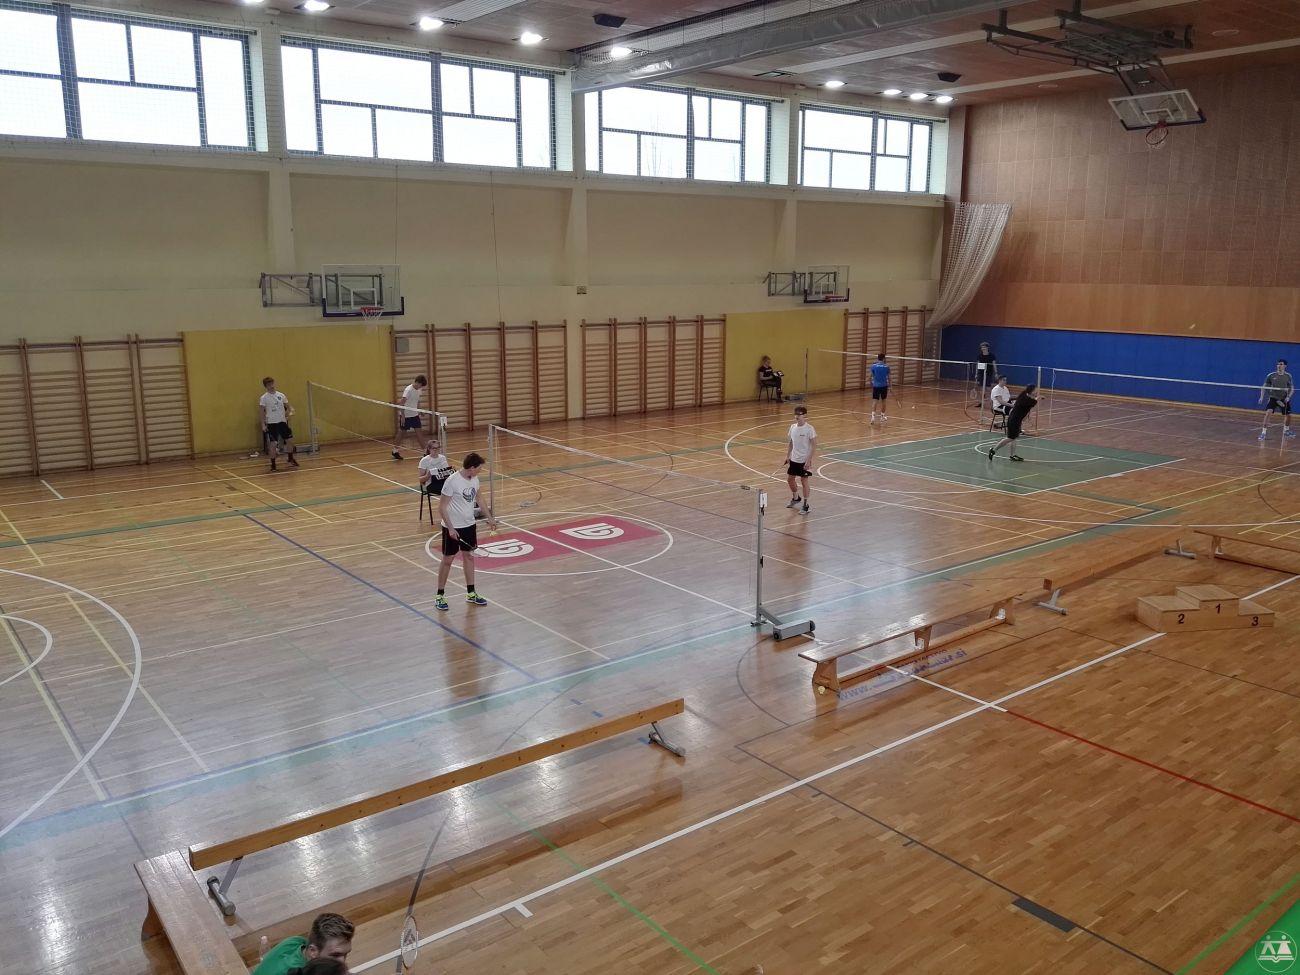 Podrocno-prvenstvo-v-badmintonu-za-srednje-sole-004